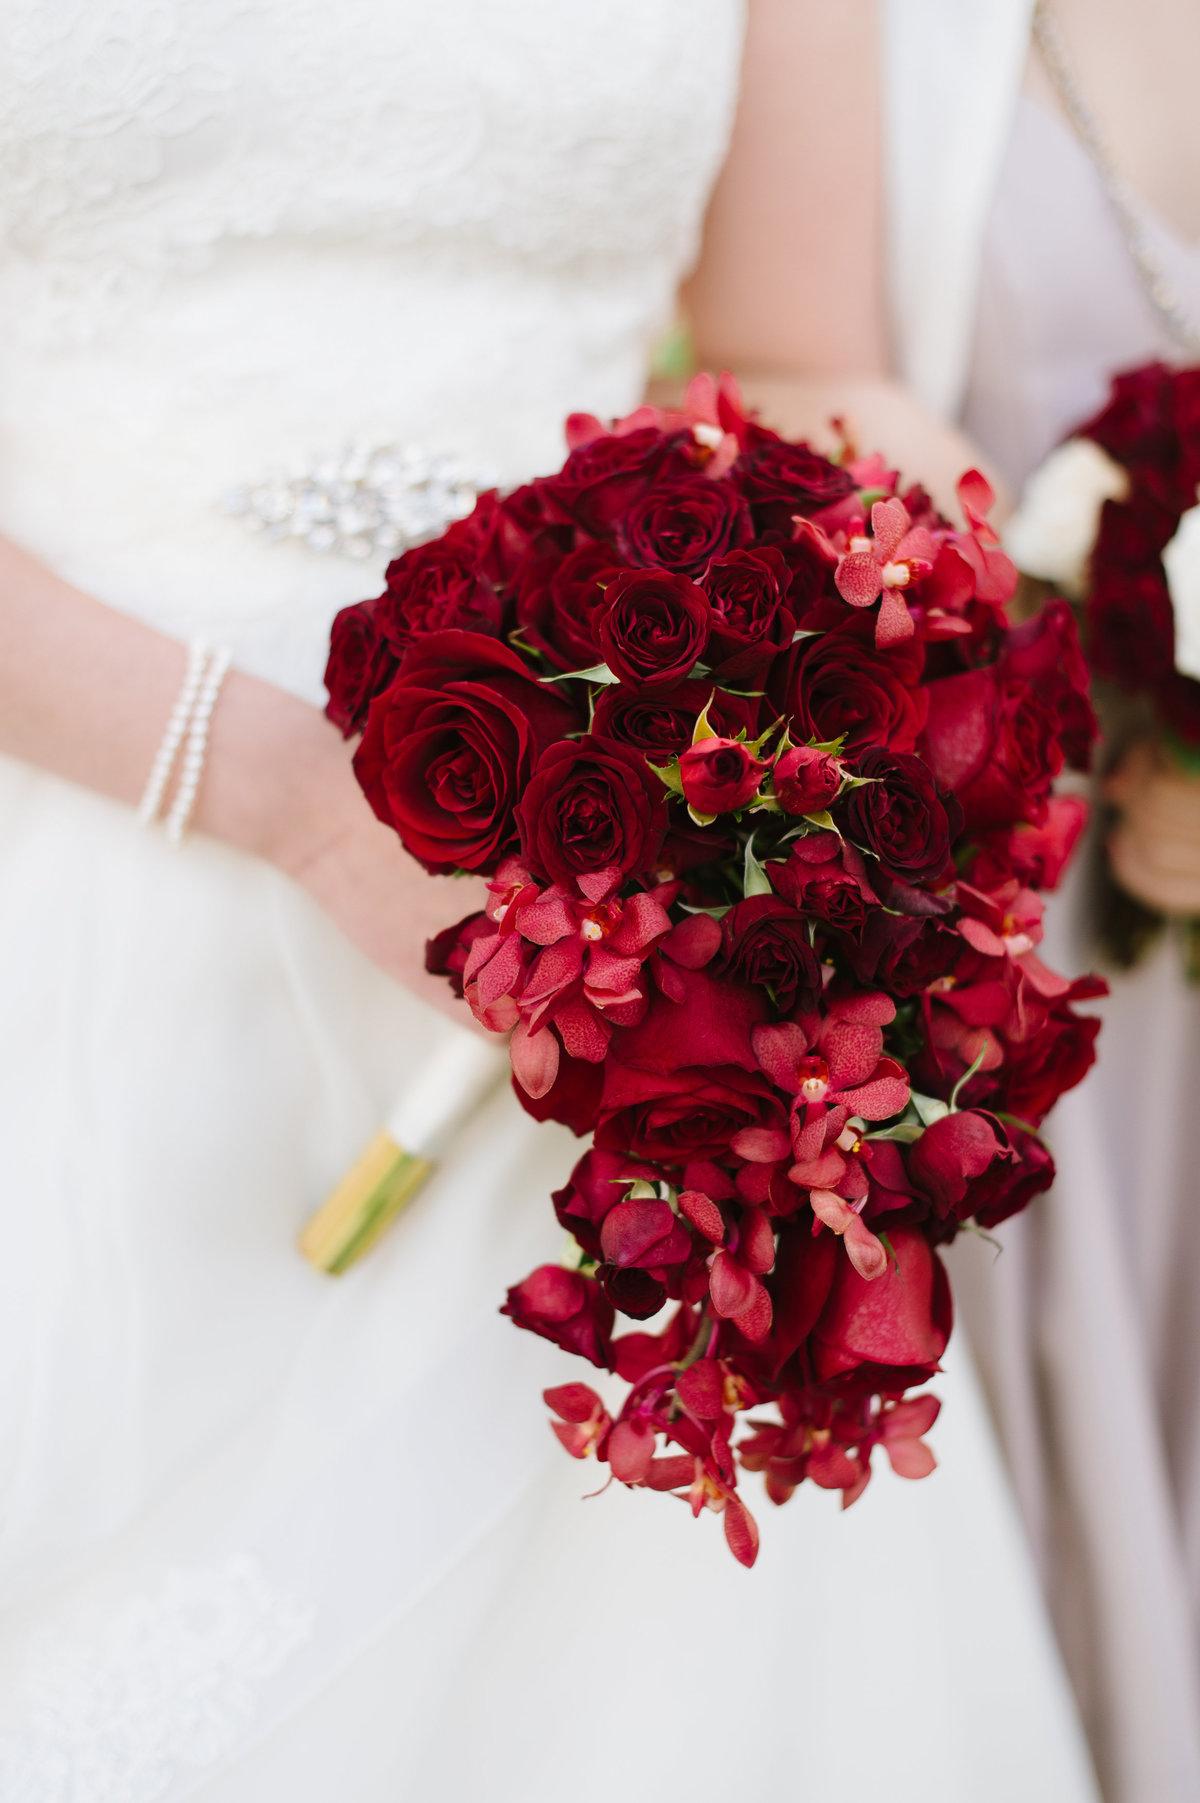 Букет для невесты 10 в бордовом цвете, для растений интернет